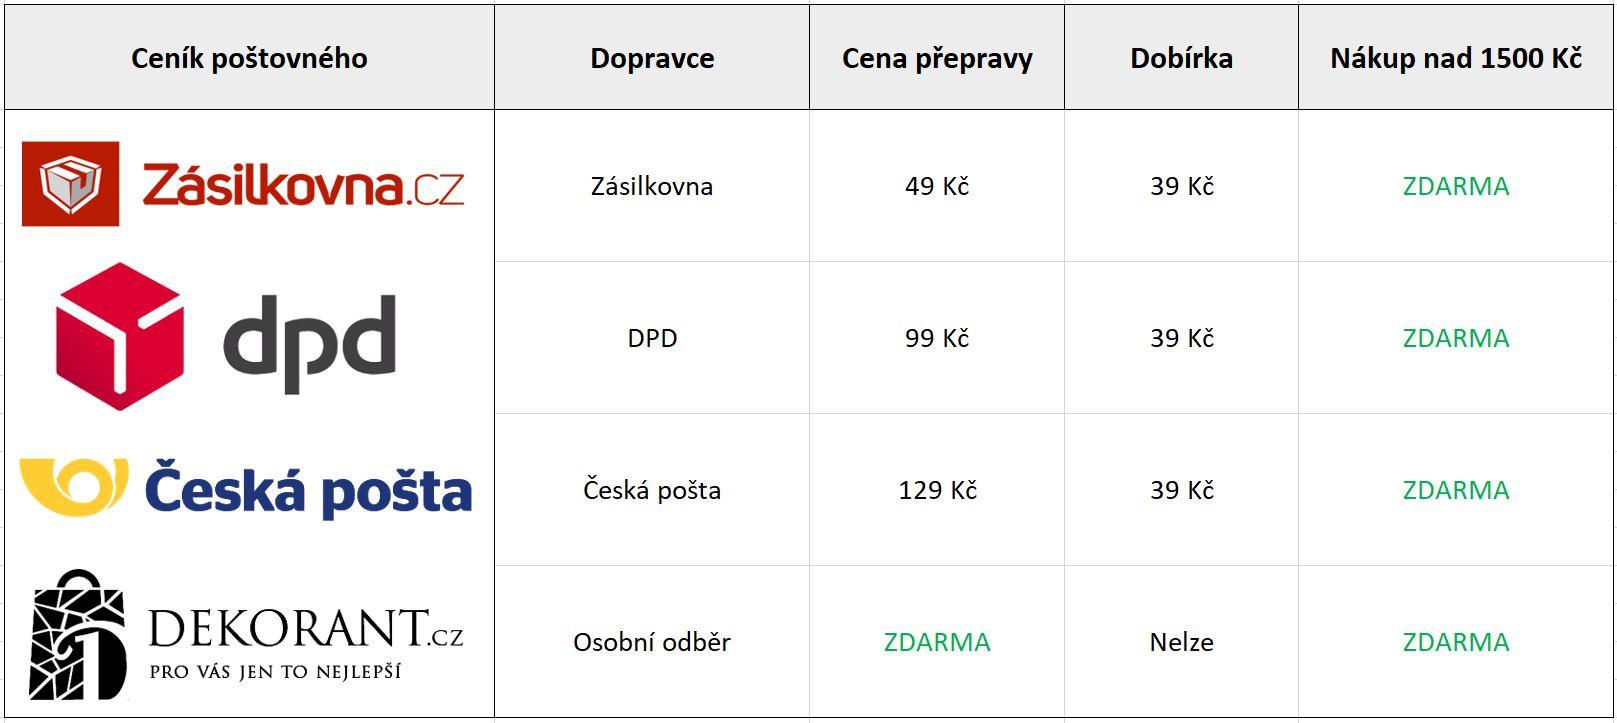 přepravci_nove